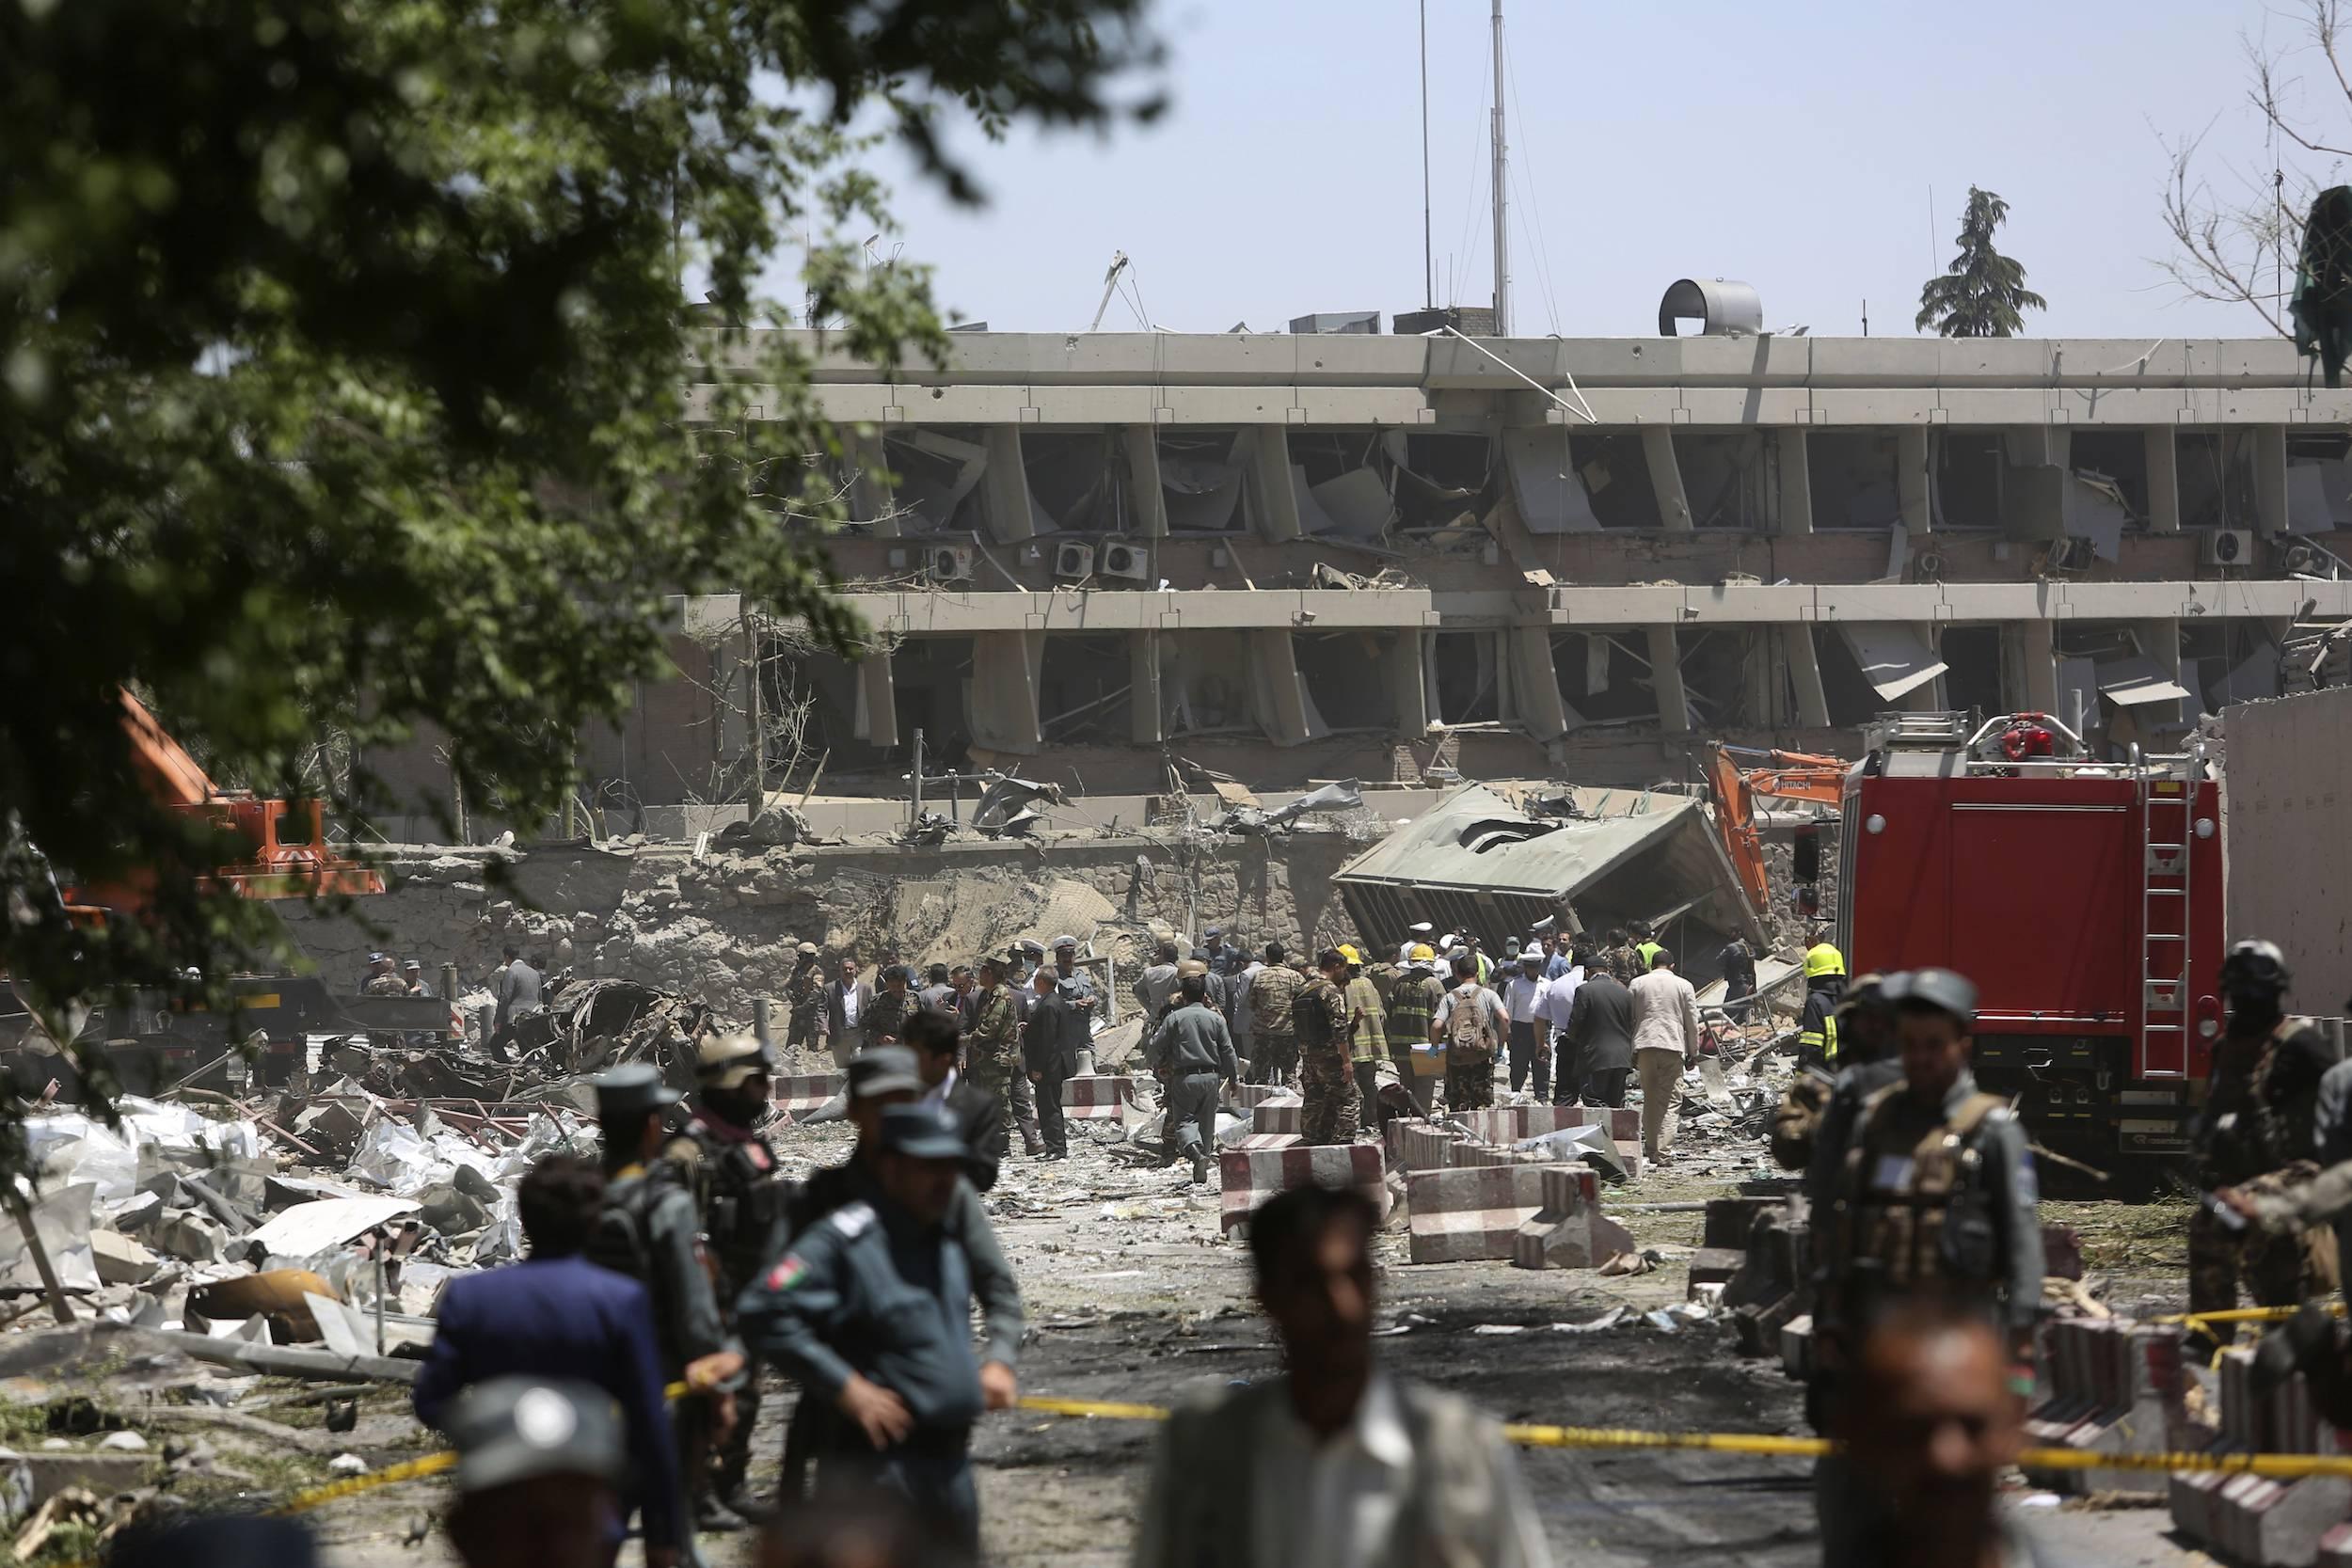 El vecindario está considerado la zona más segura de Kabul, con embajadas extranjeras protegidas por docenas de muros contra explosiones de tres metros (10 pies) de alto y oficinas gubernamentales custodiadas por policías y fuerzas de seguridad nacionales. / Foto: AP